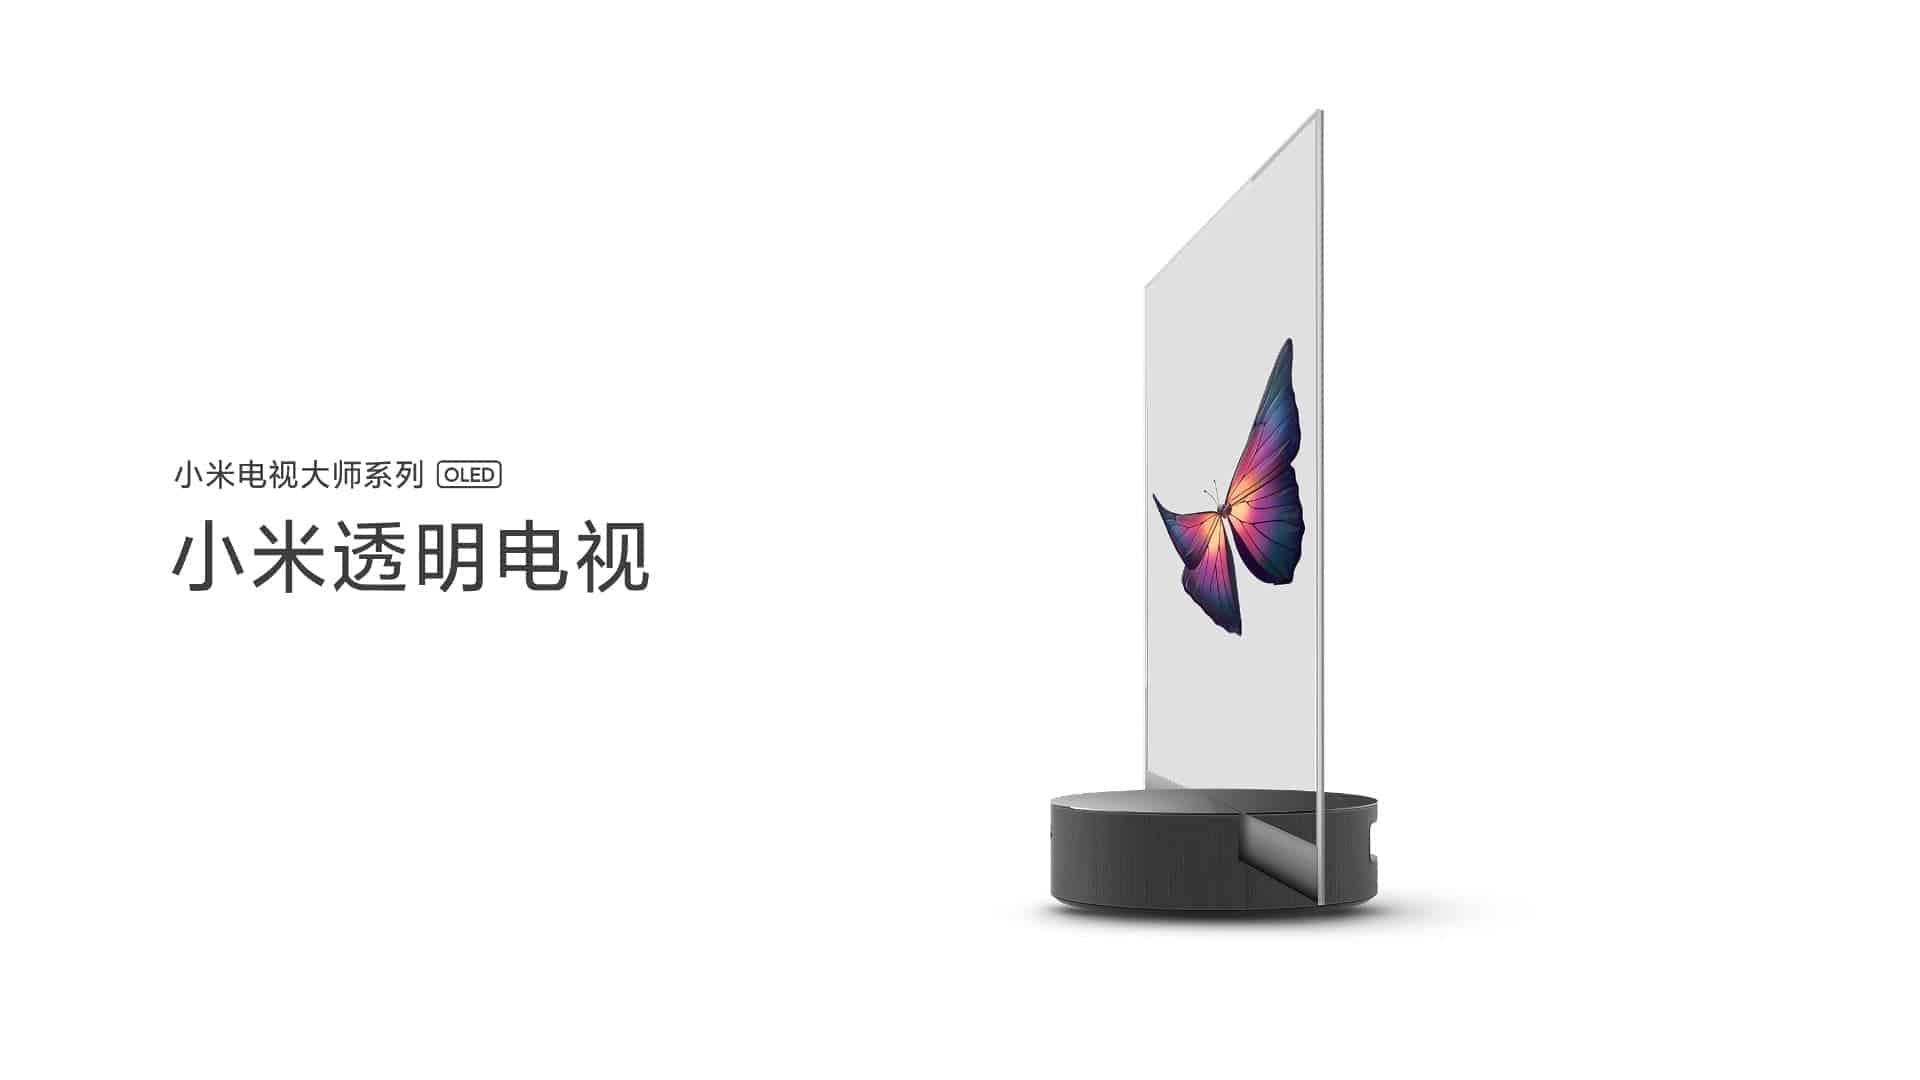 03 Mi TV LUX OLED Transparent Edition 019